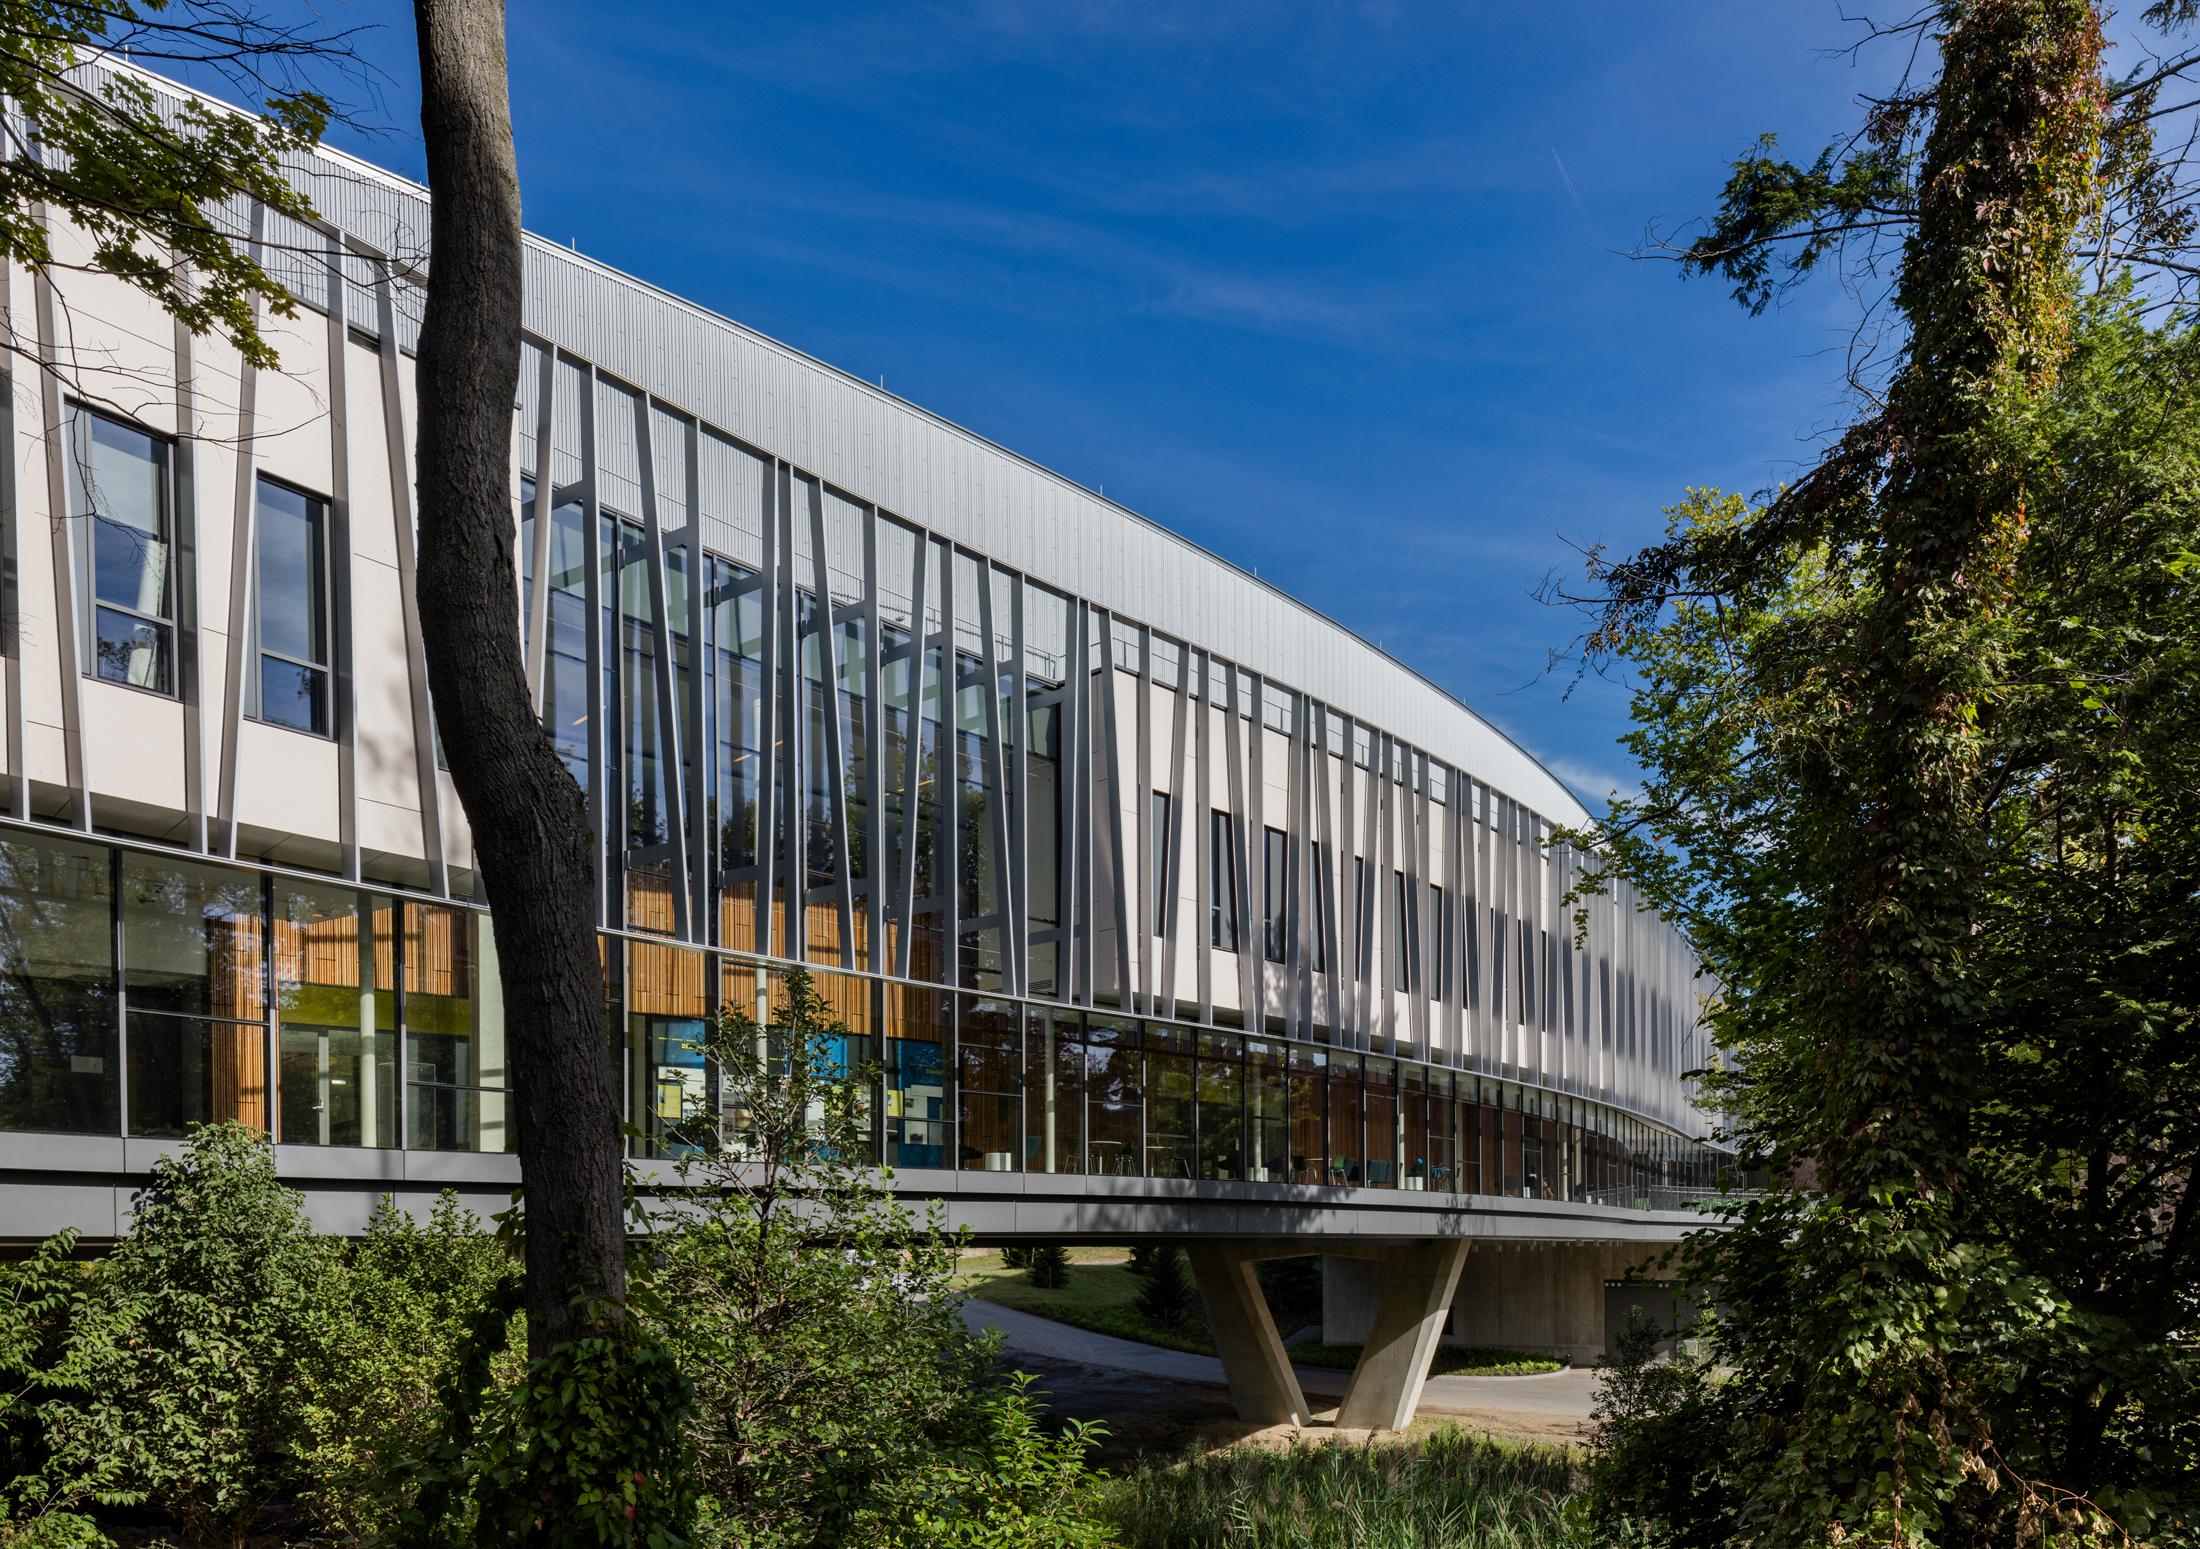 Bridge_Science_Building-1219.jpg